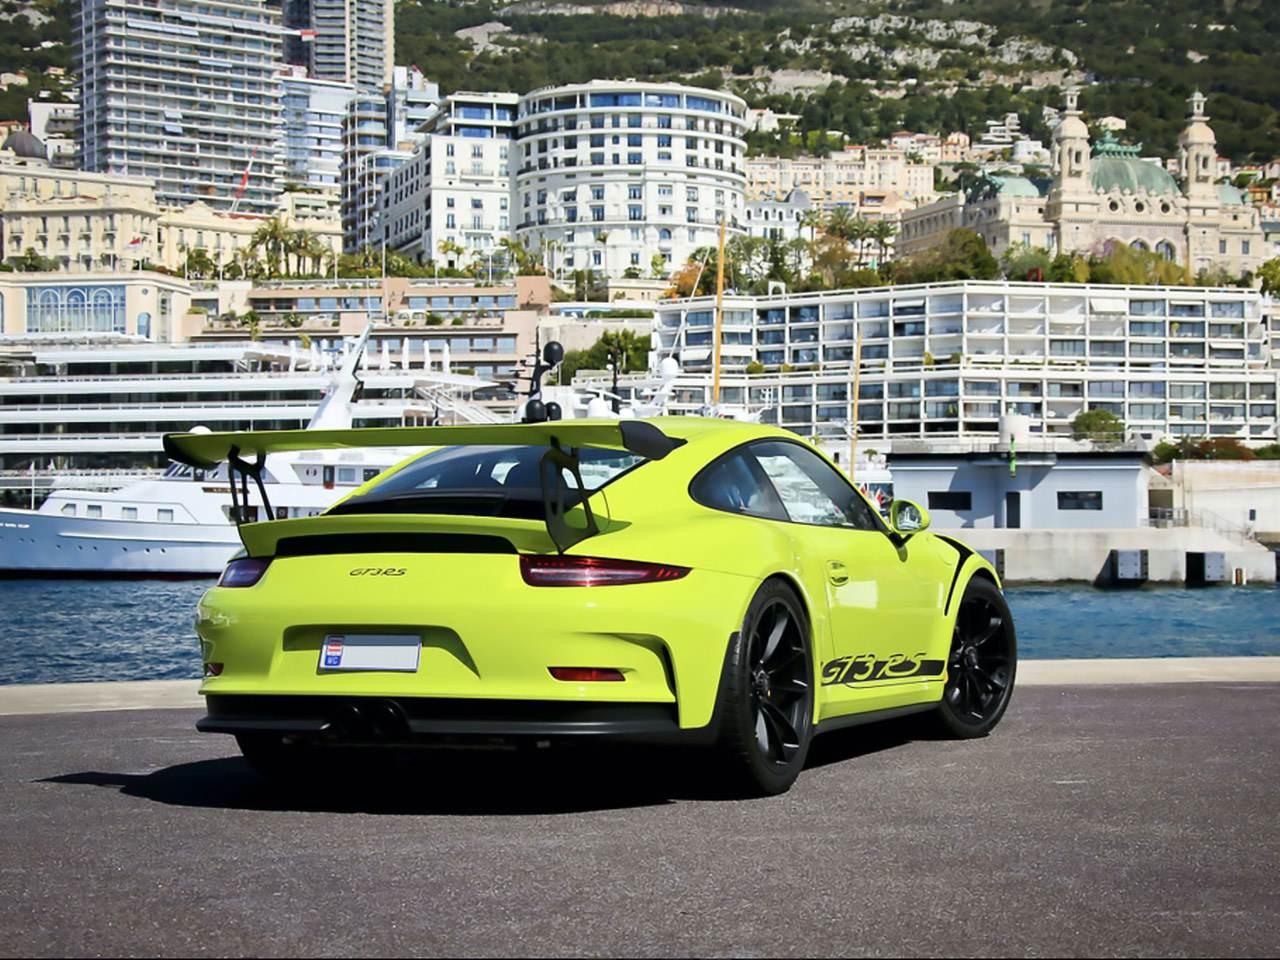 Porsche-911-991-GT3-RS-7